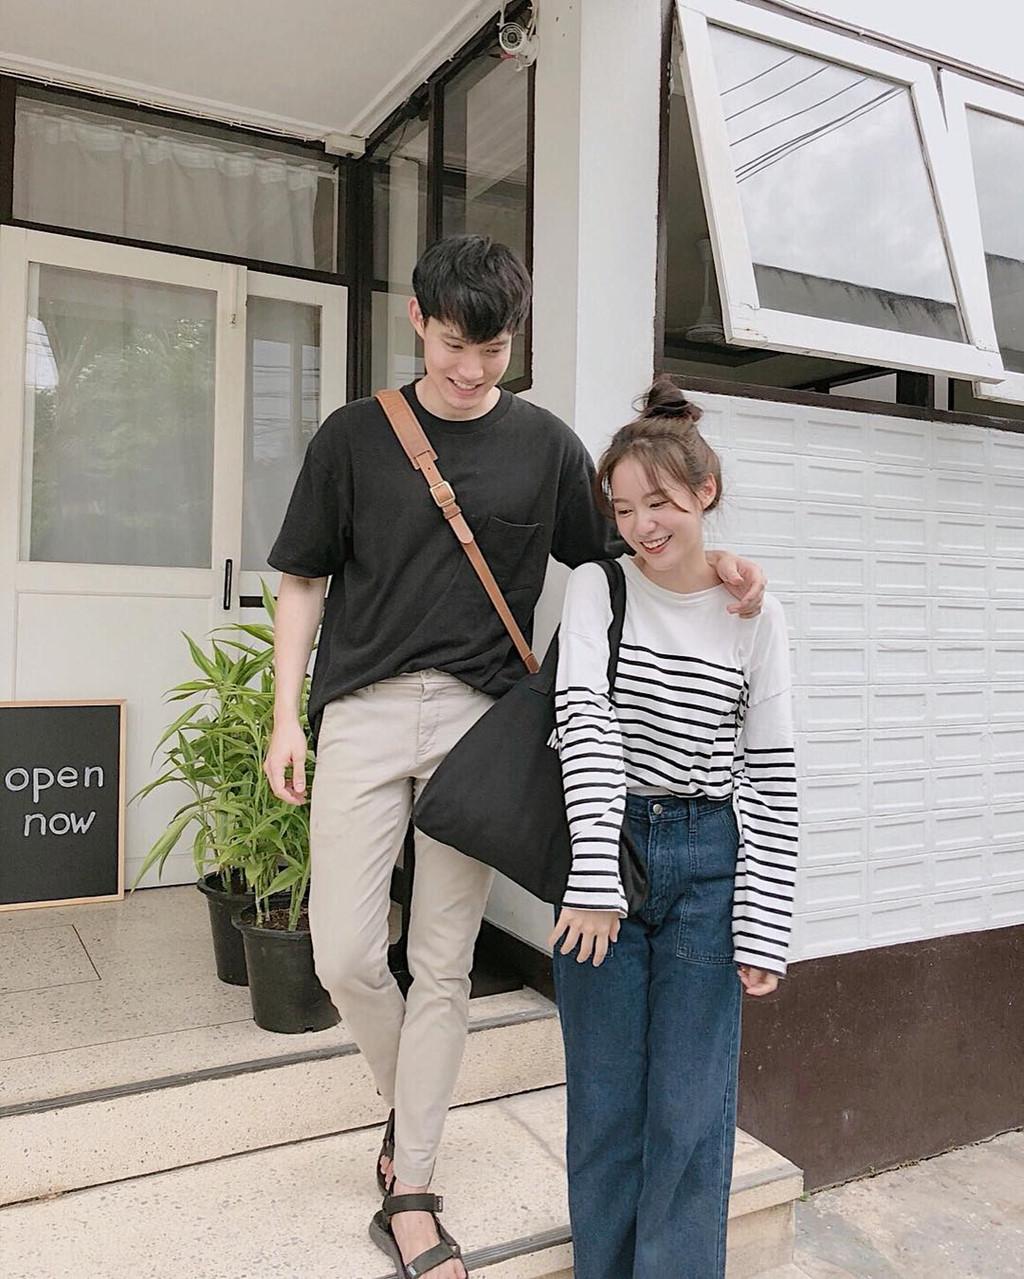 Pimtha và bạn trai cũng thường xuyên chụp ảnh tình cảm trước các quán cafe.